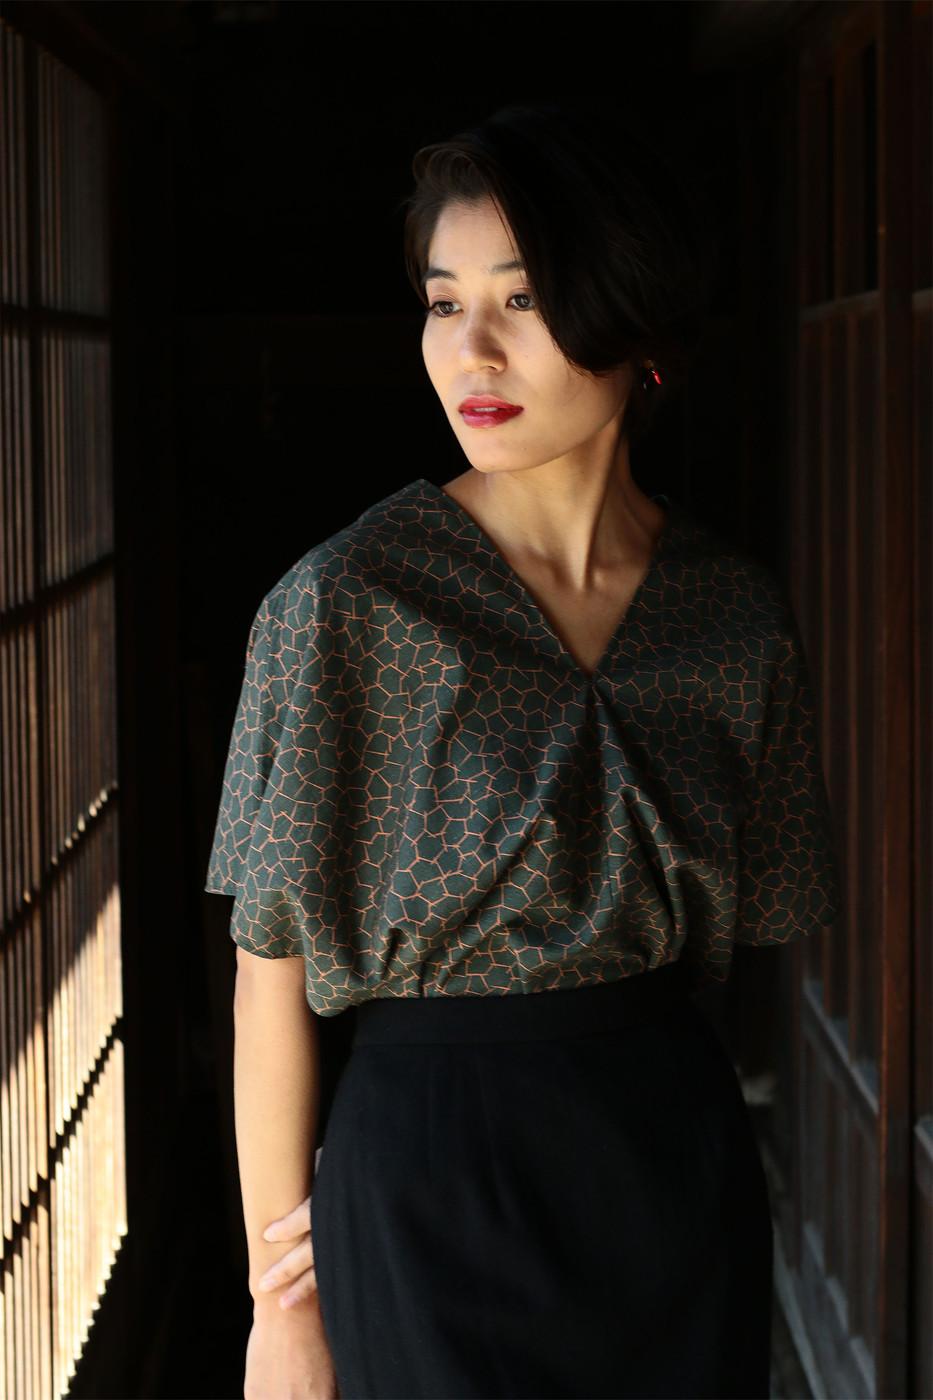 kimonofuku | キモノフク(着物リメイク)フレンチスリーブトップ